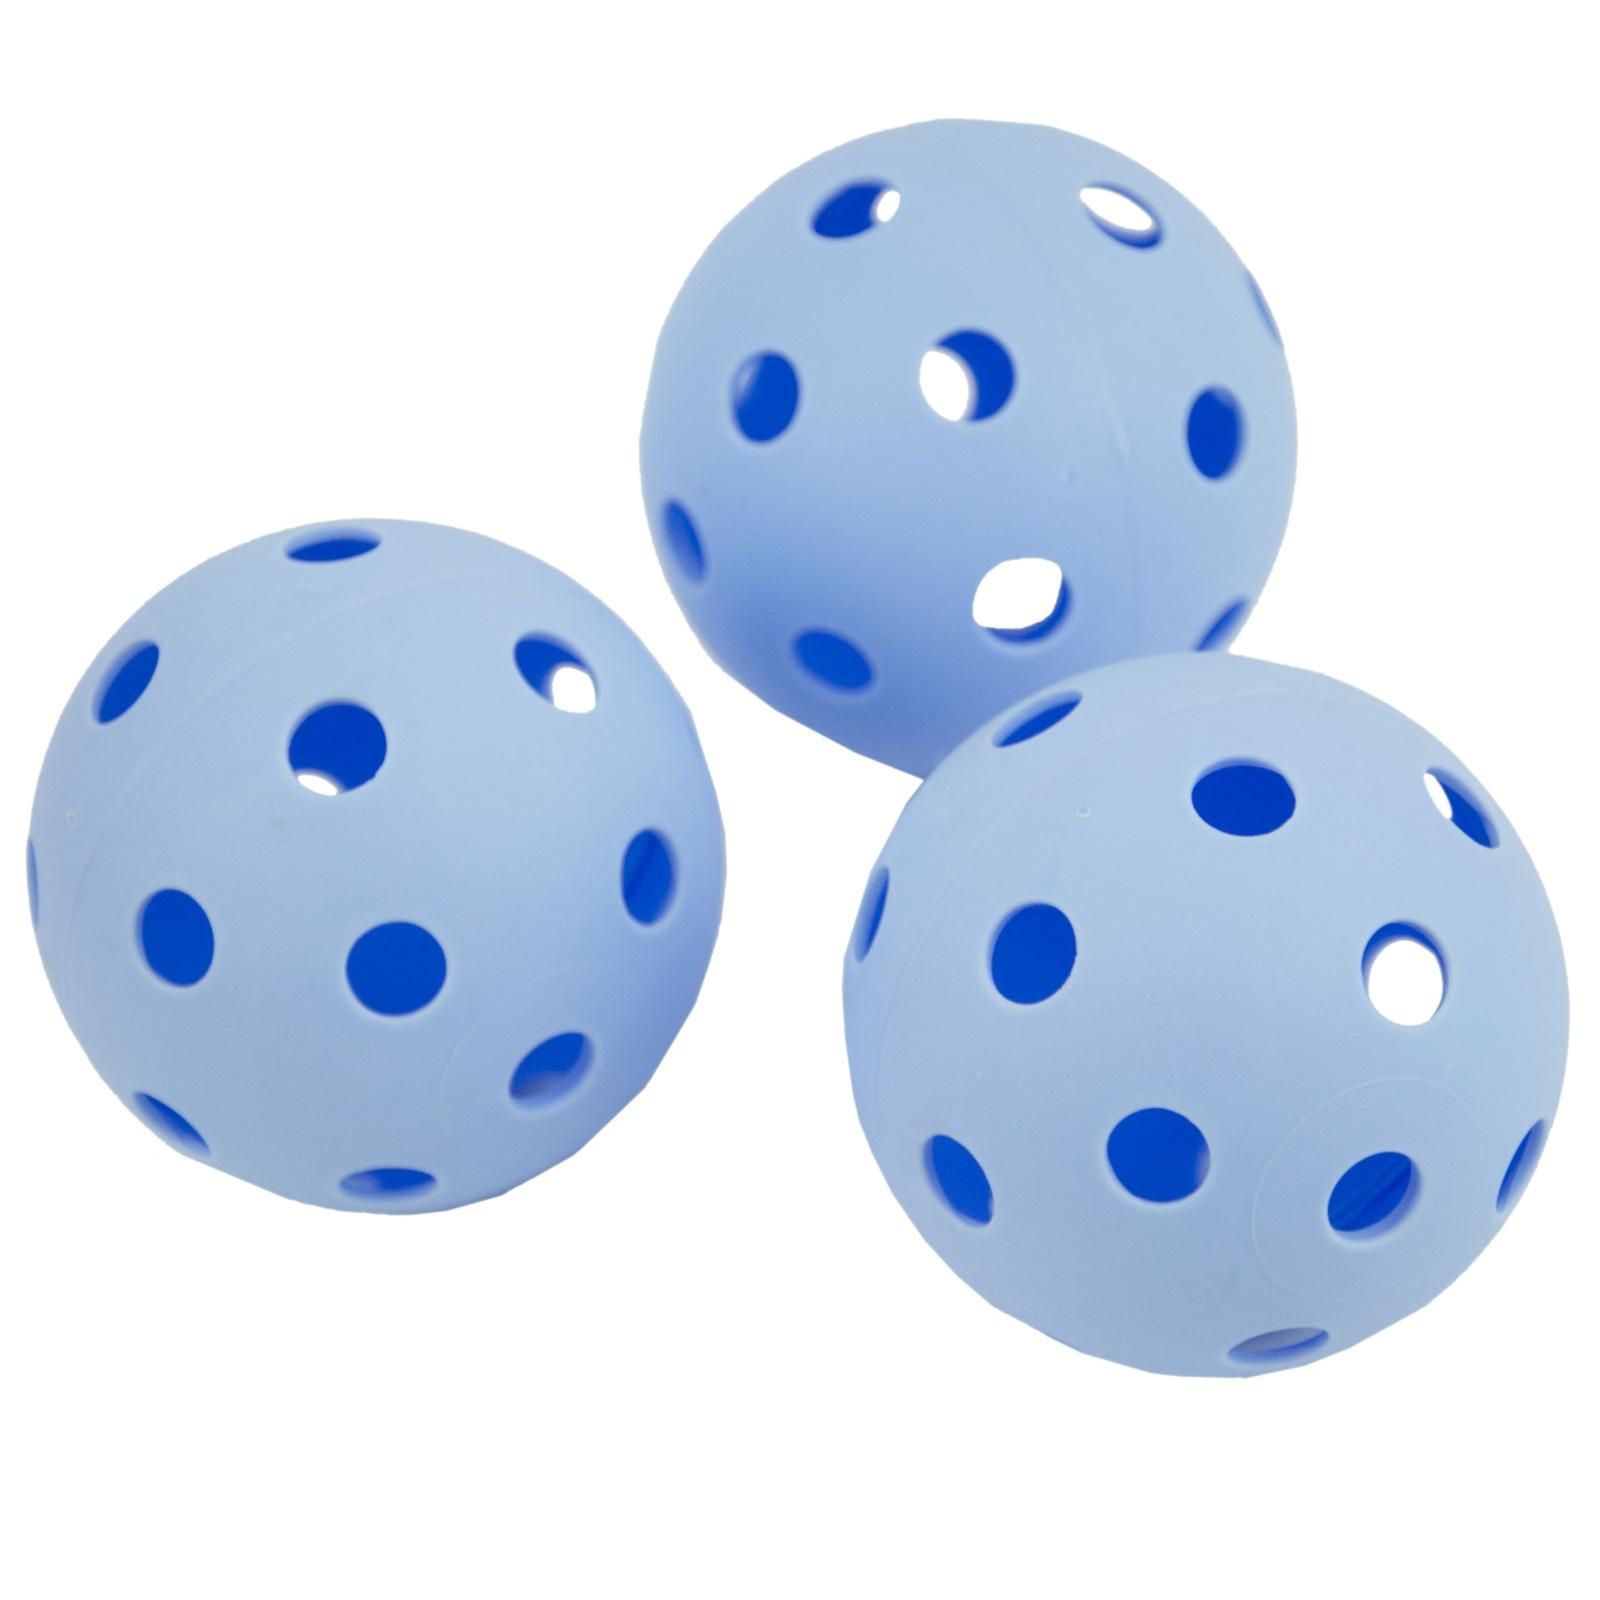 Florbalové míčky SPOKEY Turn - 3ks, modré